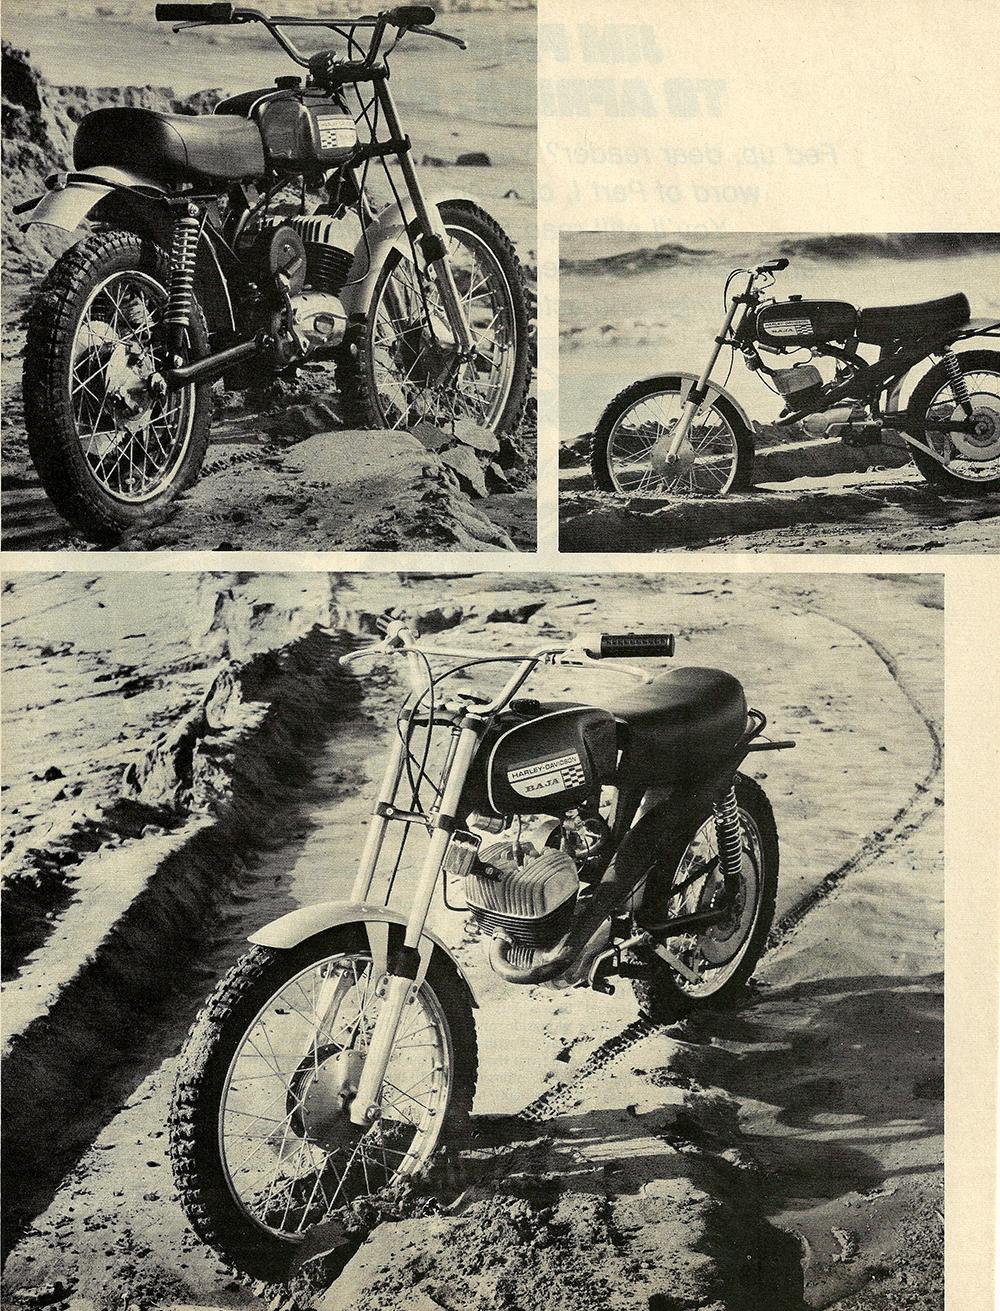 1970 Harley davidson baja 100 road test 02.jpg